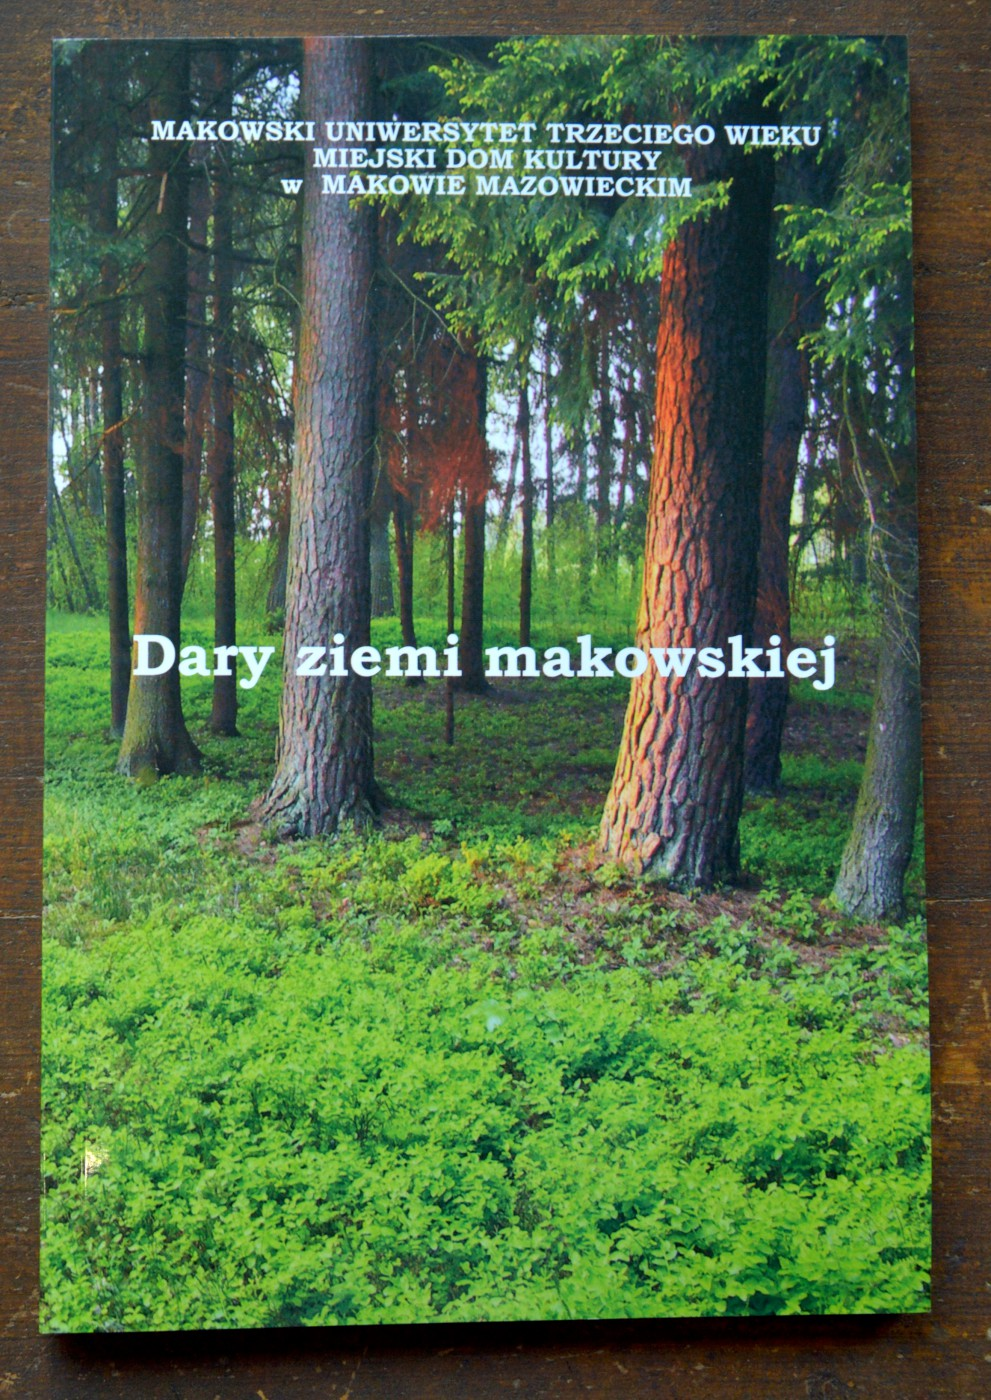 Publikacje Mdk Maków Mazowiecki Mdk Maków Mazowiecki